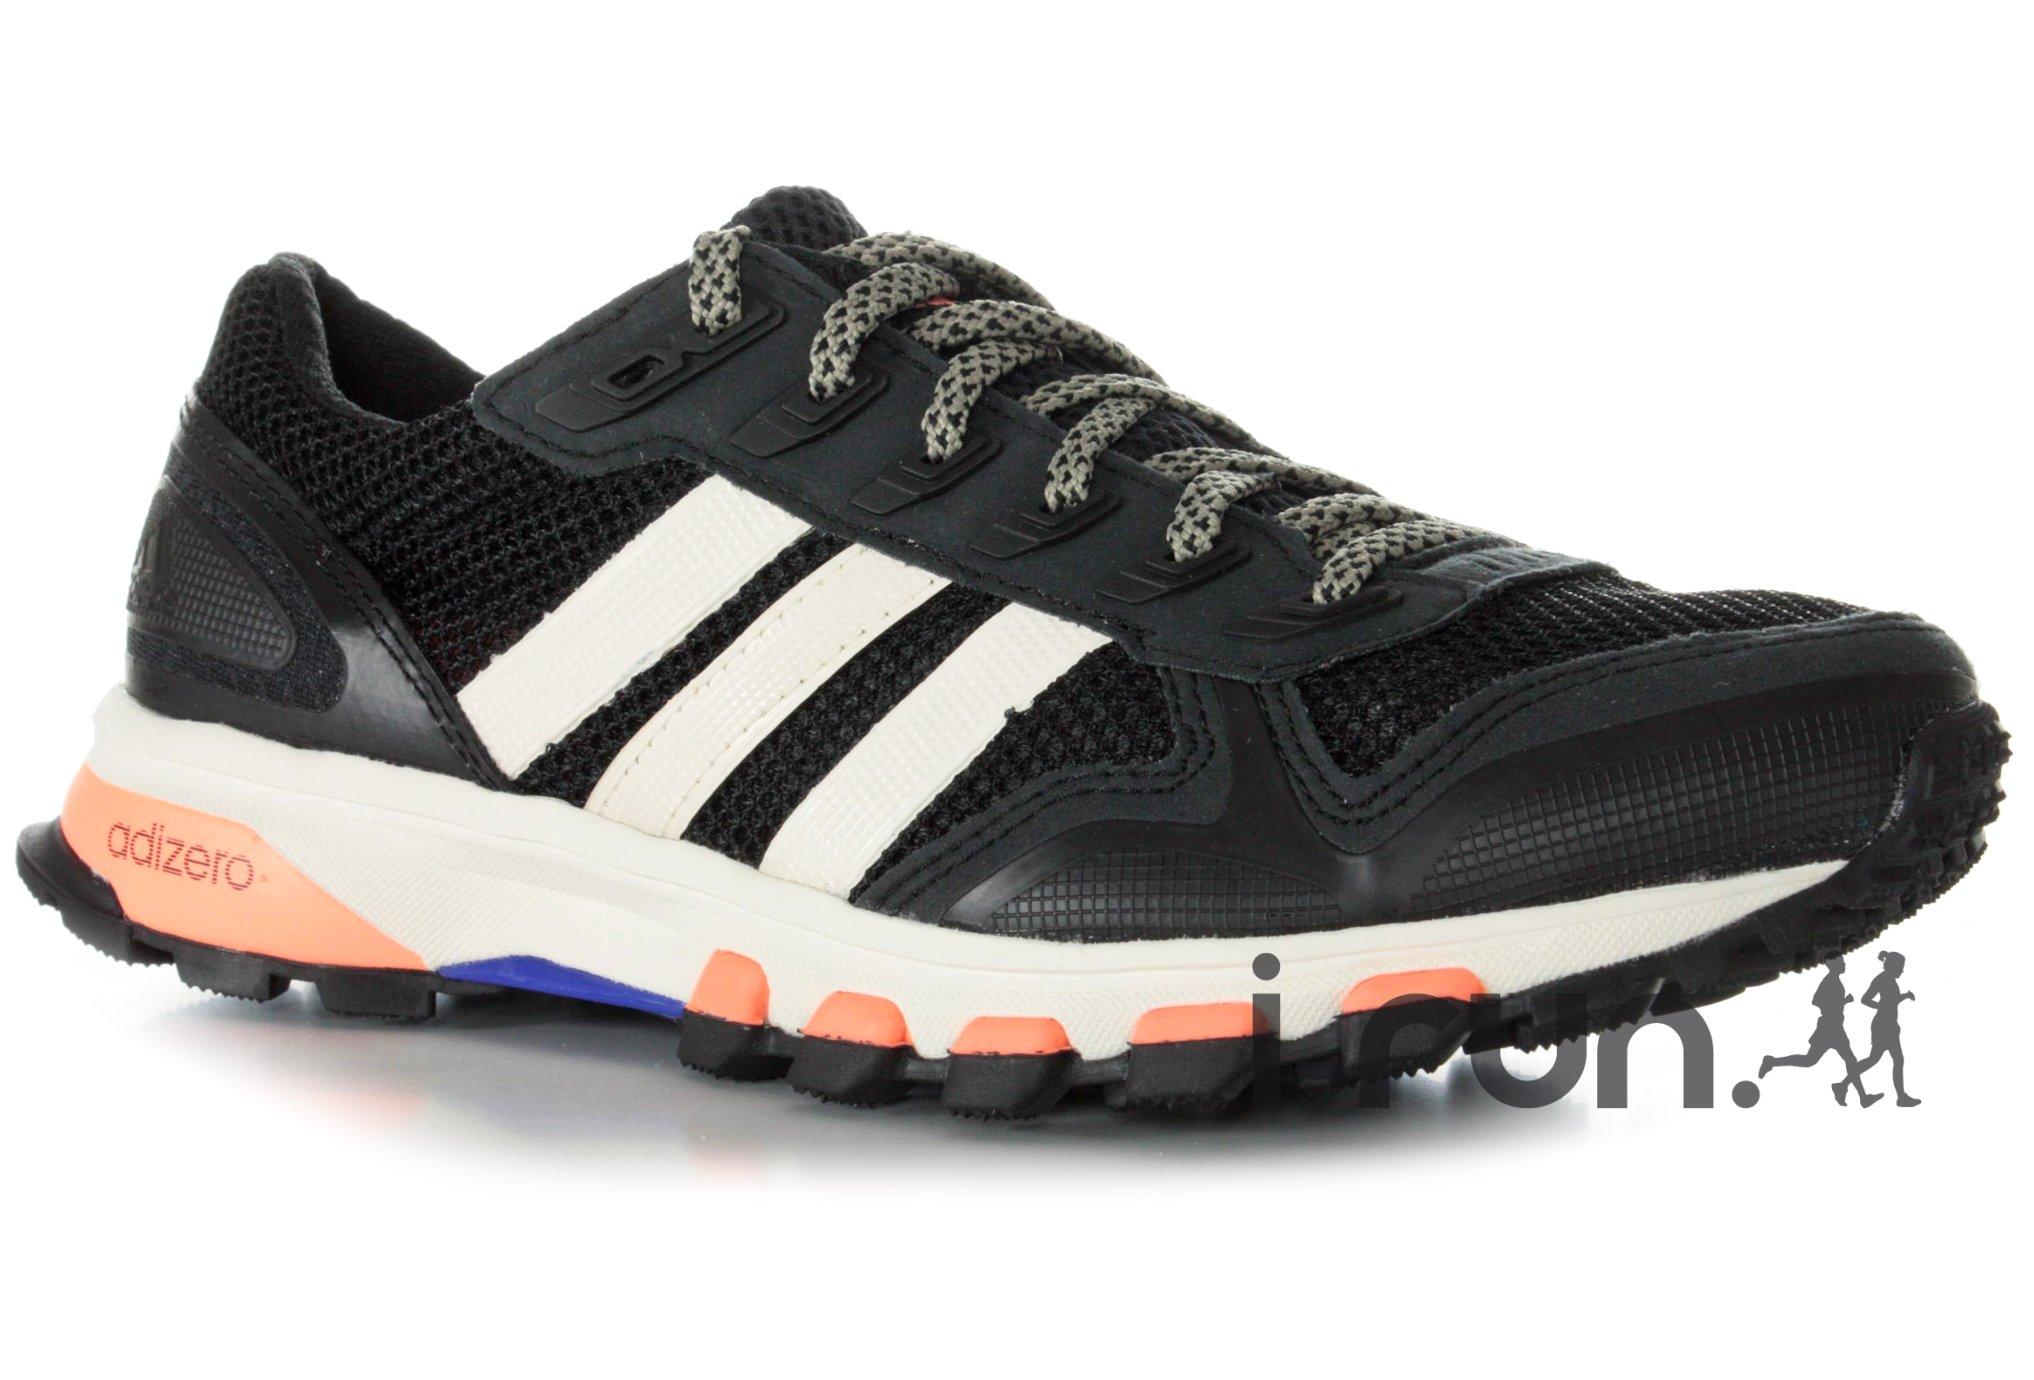 Adidas Adizero xt 5 w diététique chaussures femme